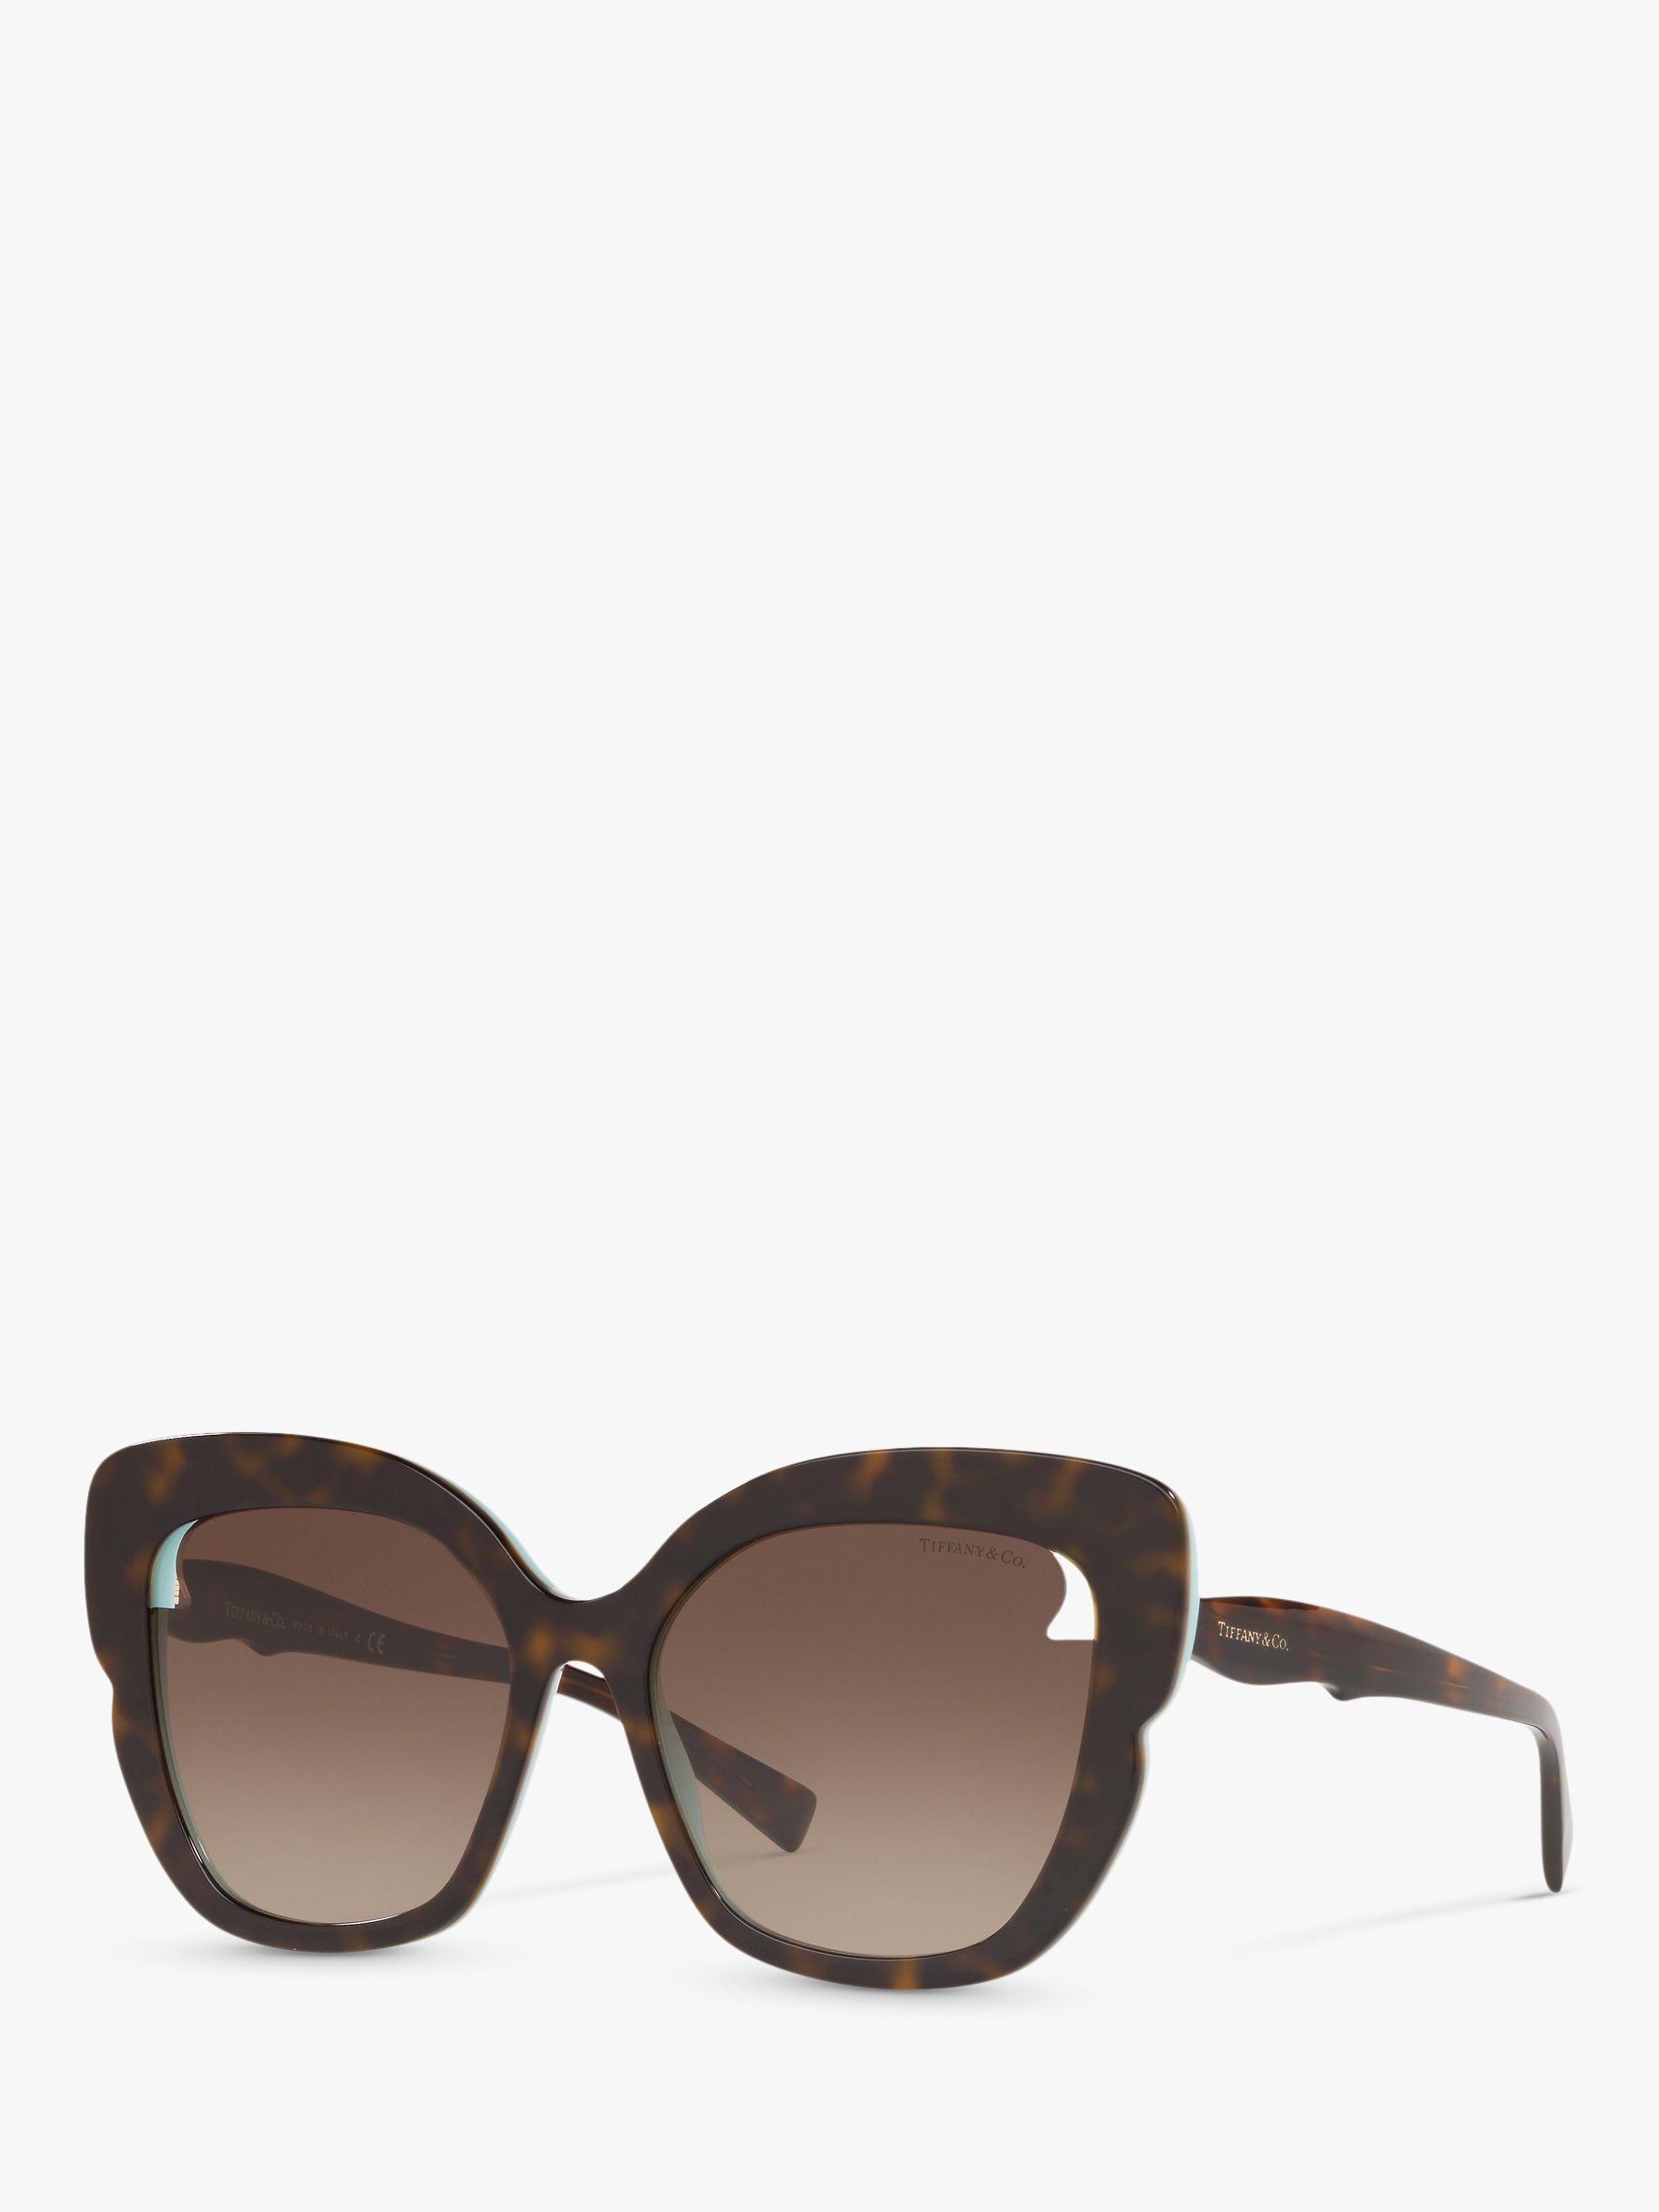 Tiffany & Co Tiffany & Co TF4161 Women's Square Sunglasses, Brown/Multi